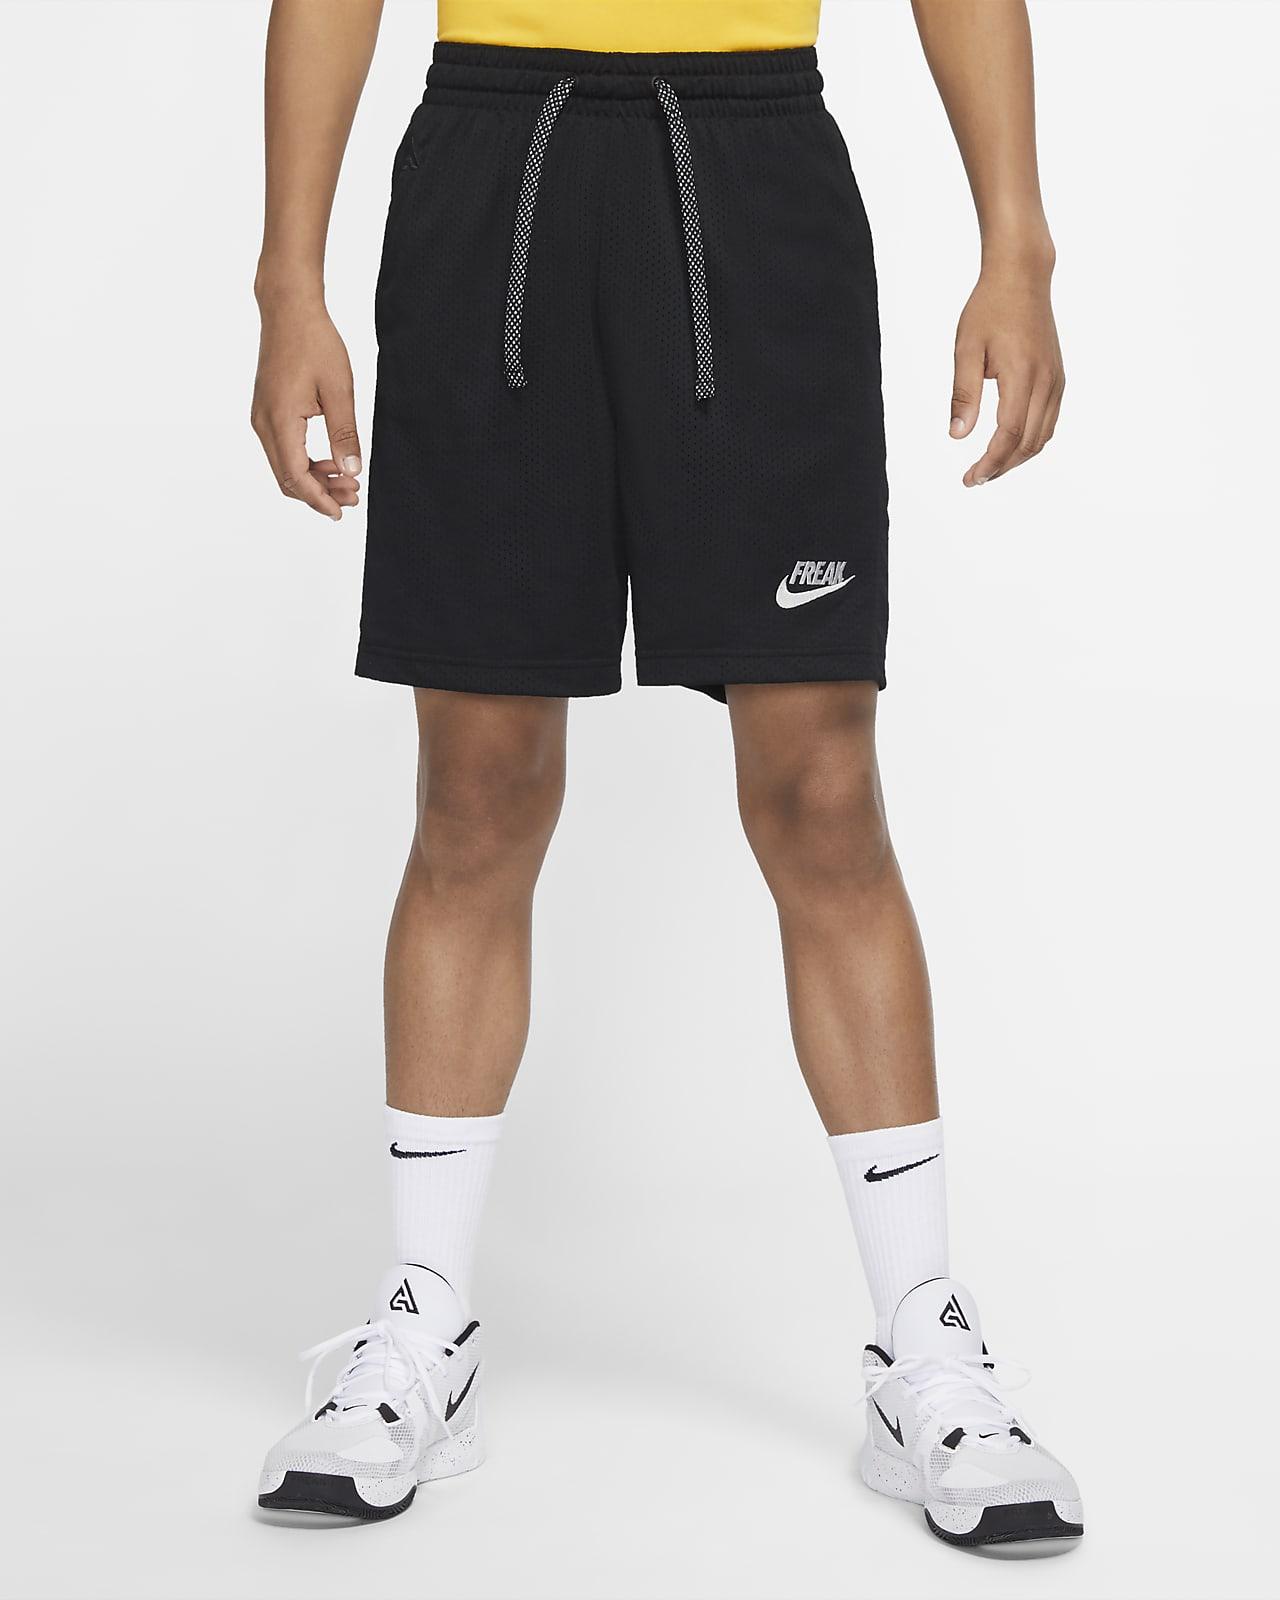 Giannis Men's Basketball Shorts